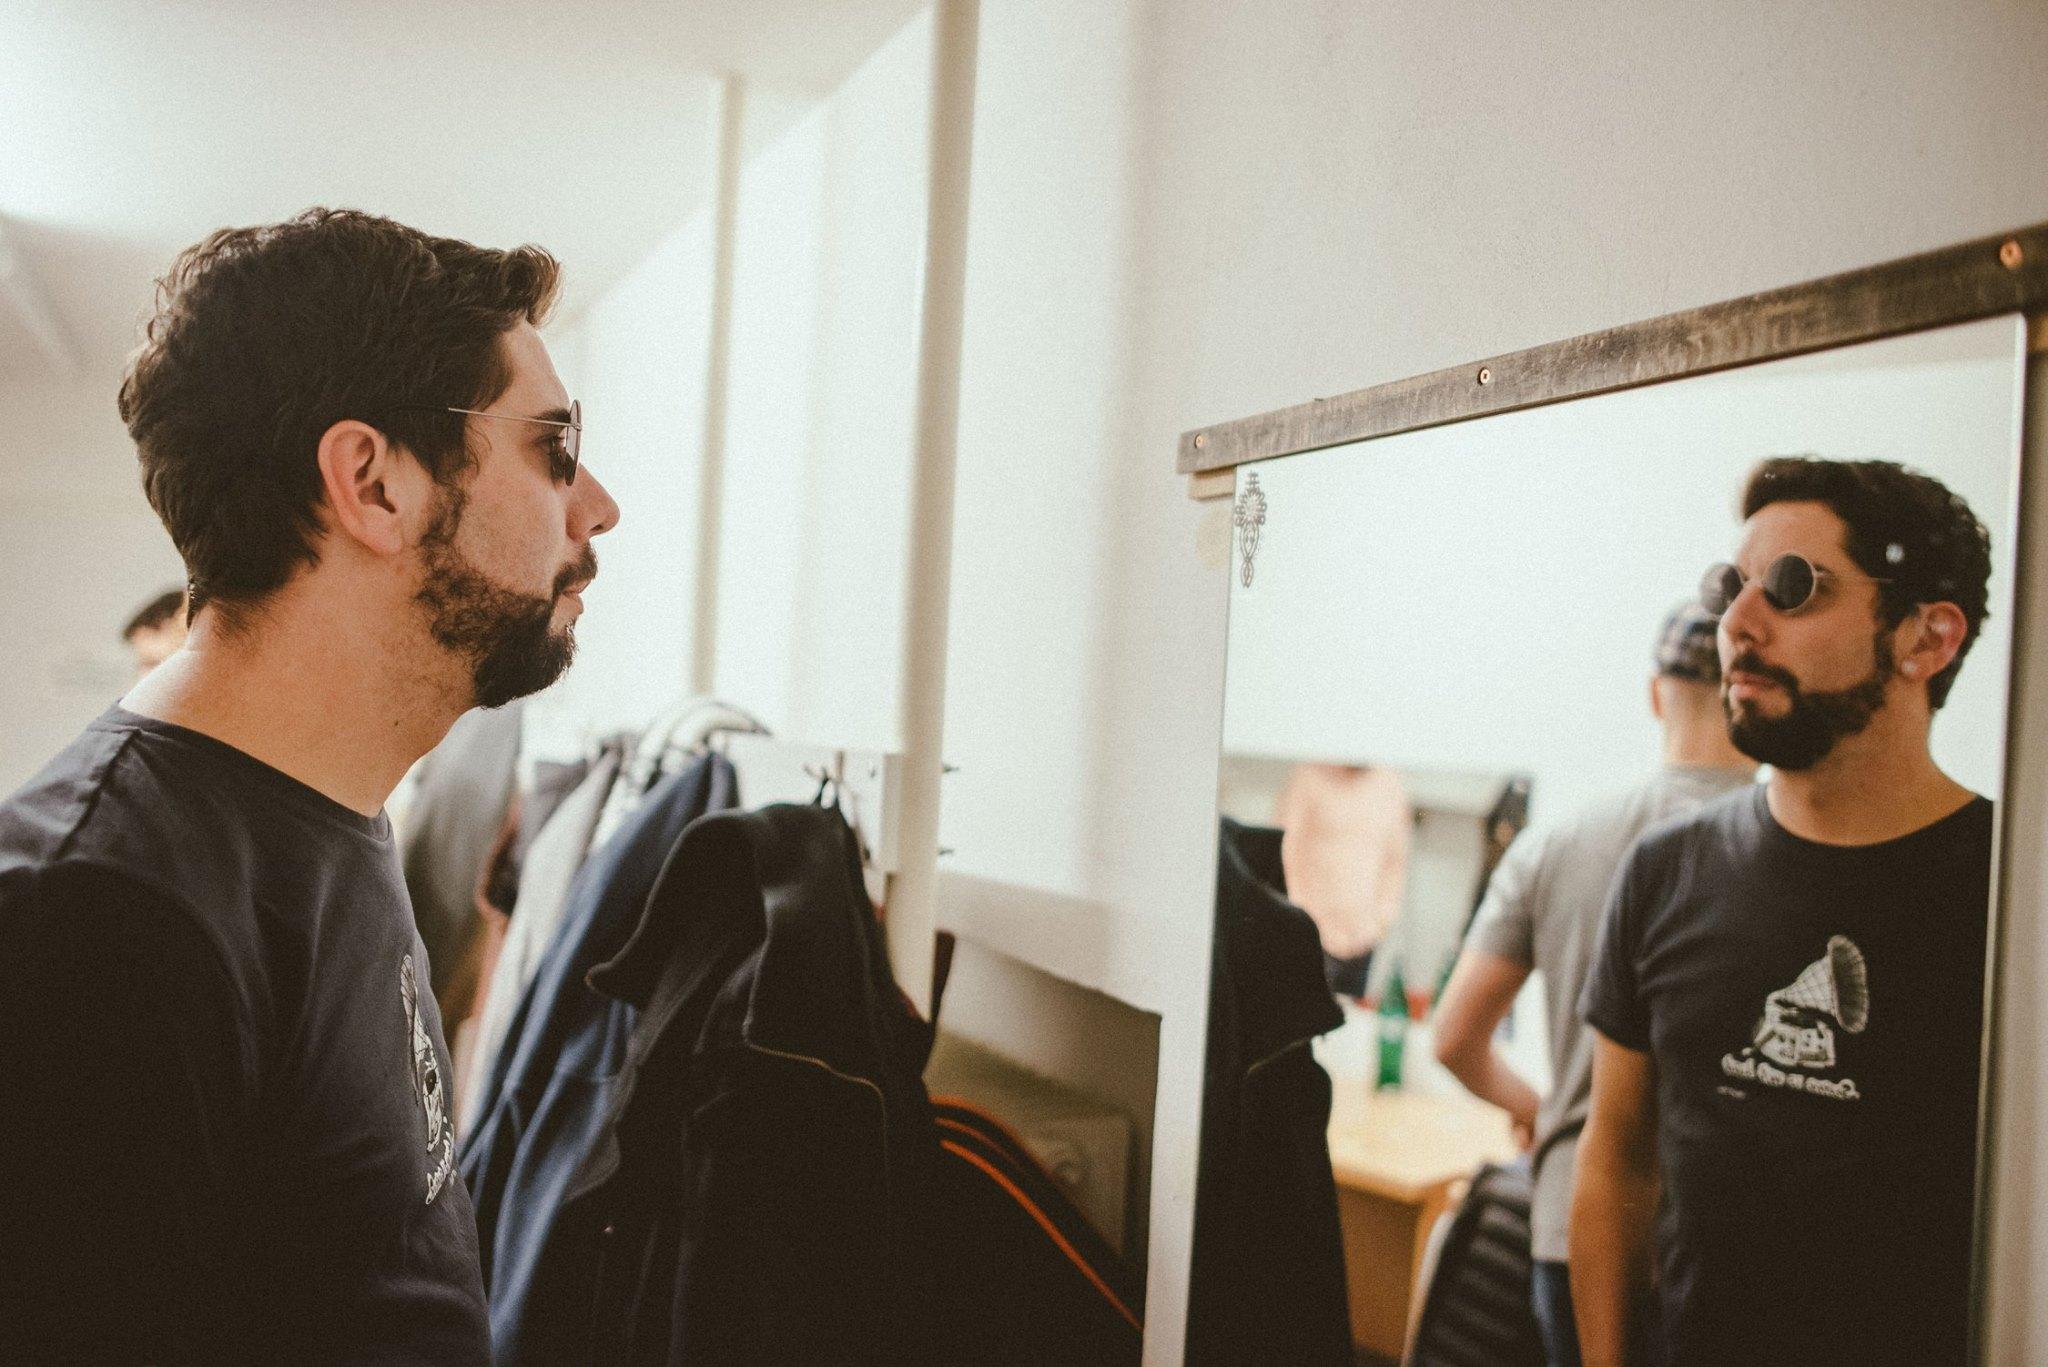 Počas prípravy na predstavenie 3T. Zdroj: Andrej Horsky/Horsky&Zachar Photographers